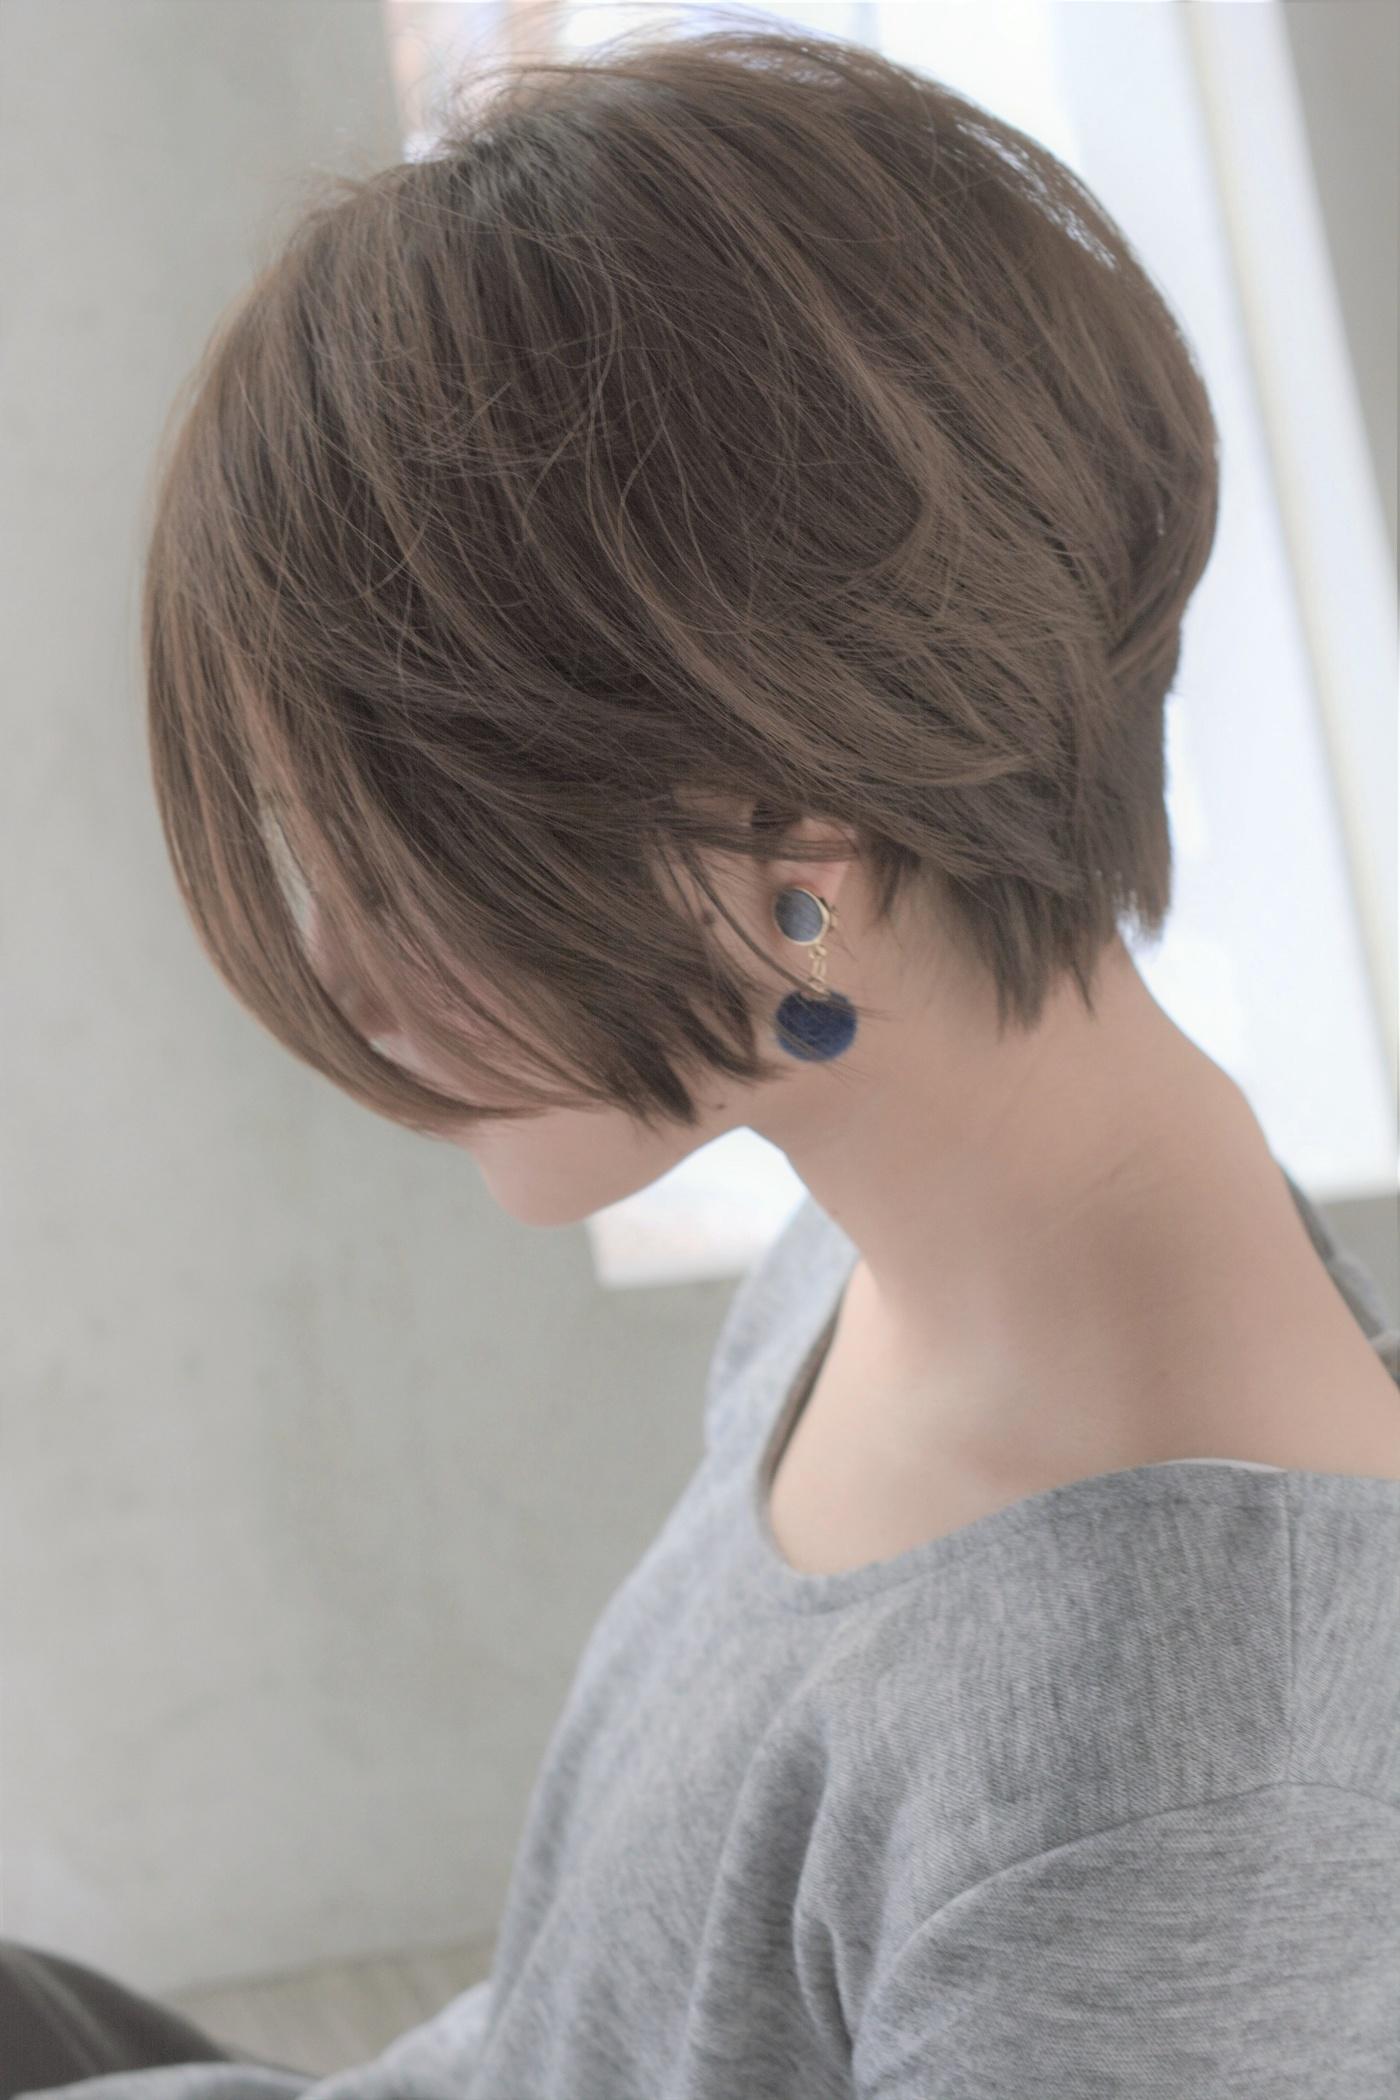 【髪型イメチェンしたい方へ】隠れた魅力を引き出すヘアスタイル特集の6枚目の画像